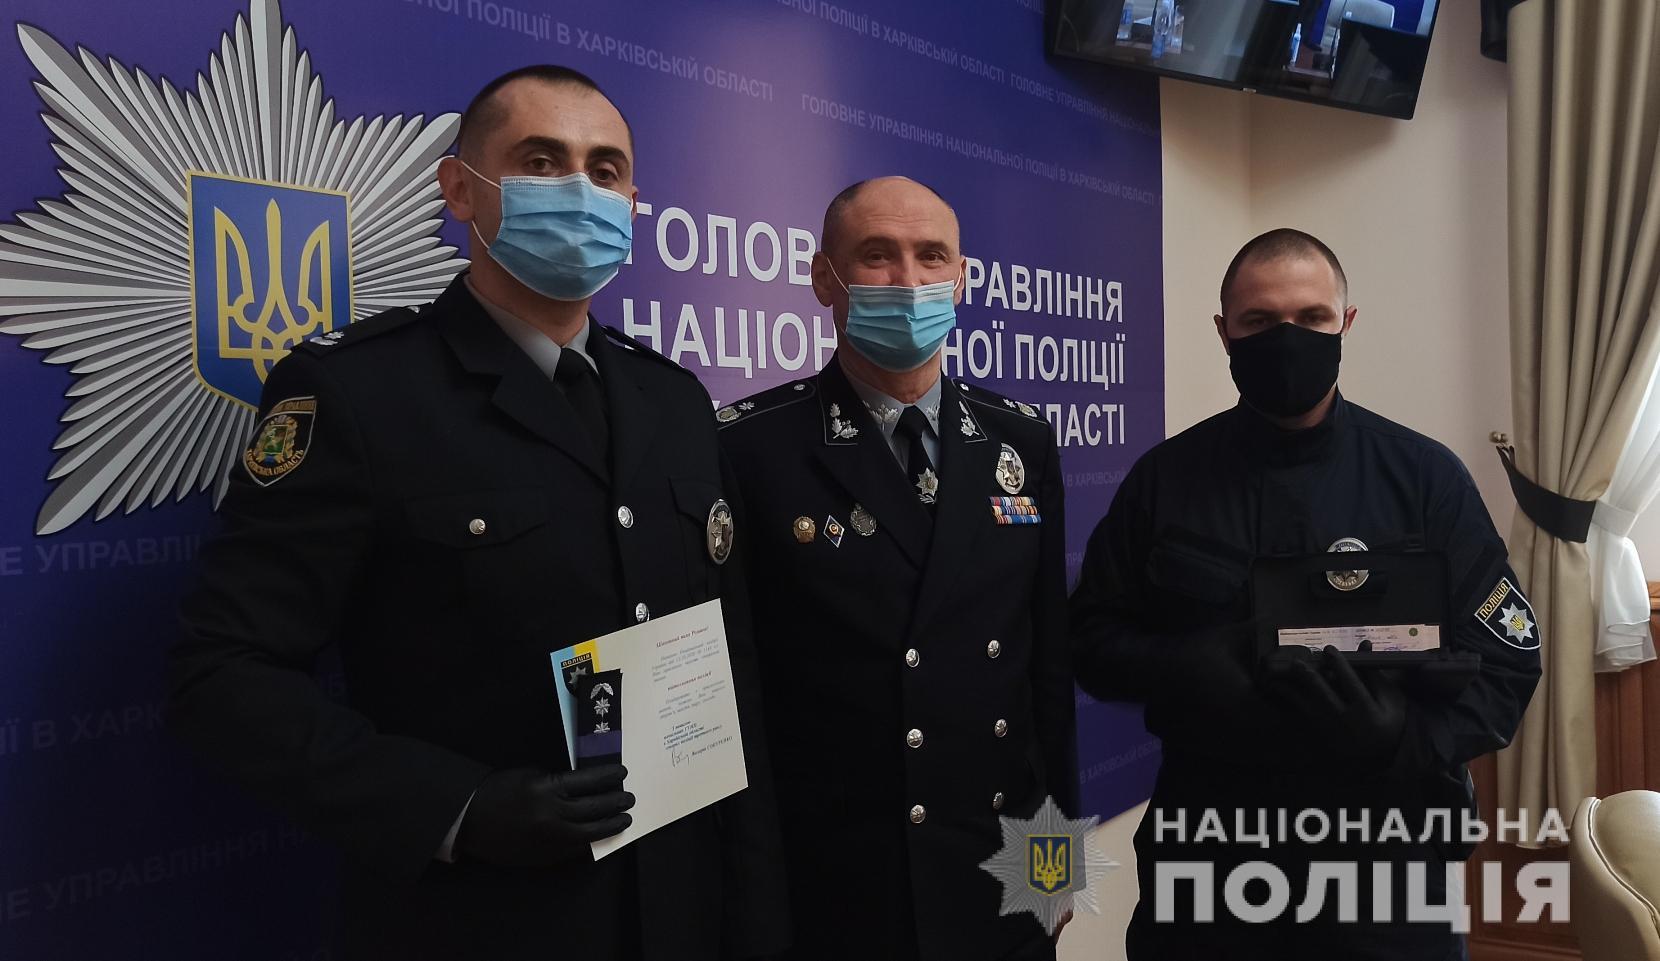 У Харкові були нагороджені майже 300 працівників МВС та Нацполіції (фото)